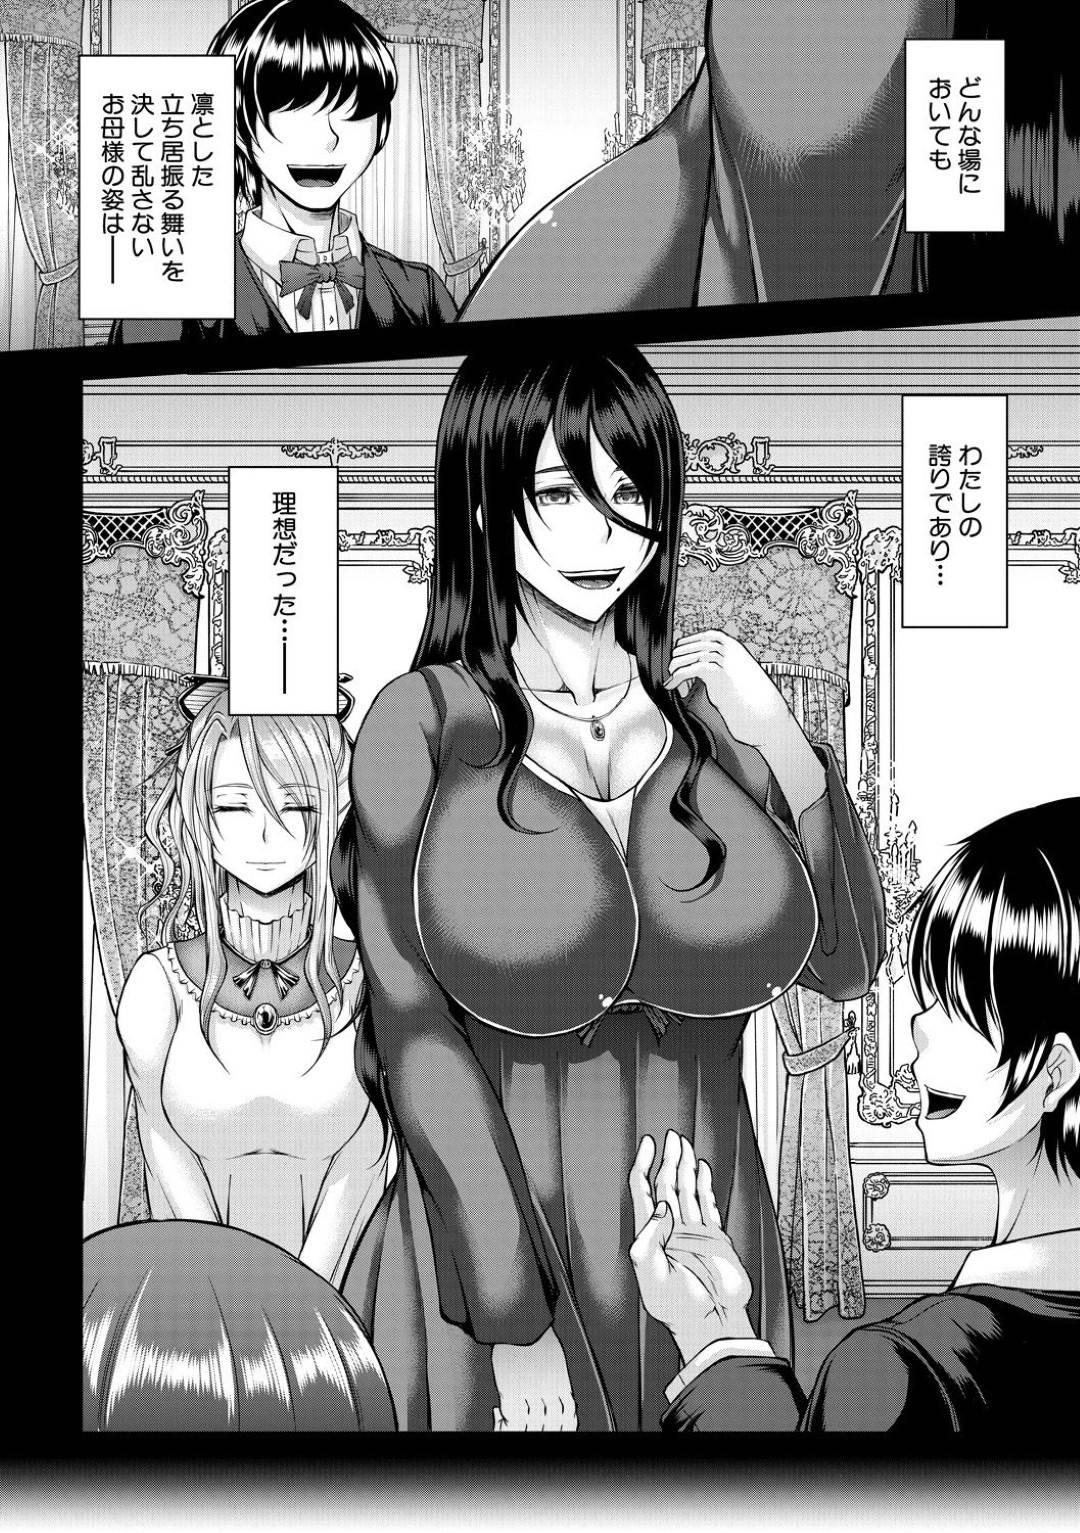 【エロ漫画】キモいオジサンに調教されちゃった生意気な令嬢とその母親…フェラしたり中出しセックスしちゃって3Pの母娘丼でイチャイチャしちゃう!【社若かなえ:悪棘令嬢逆転調教 ー陥ー】